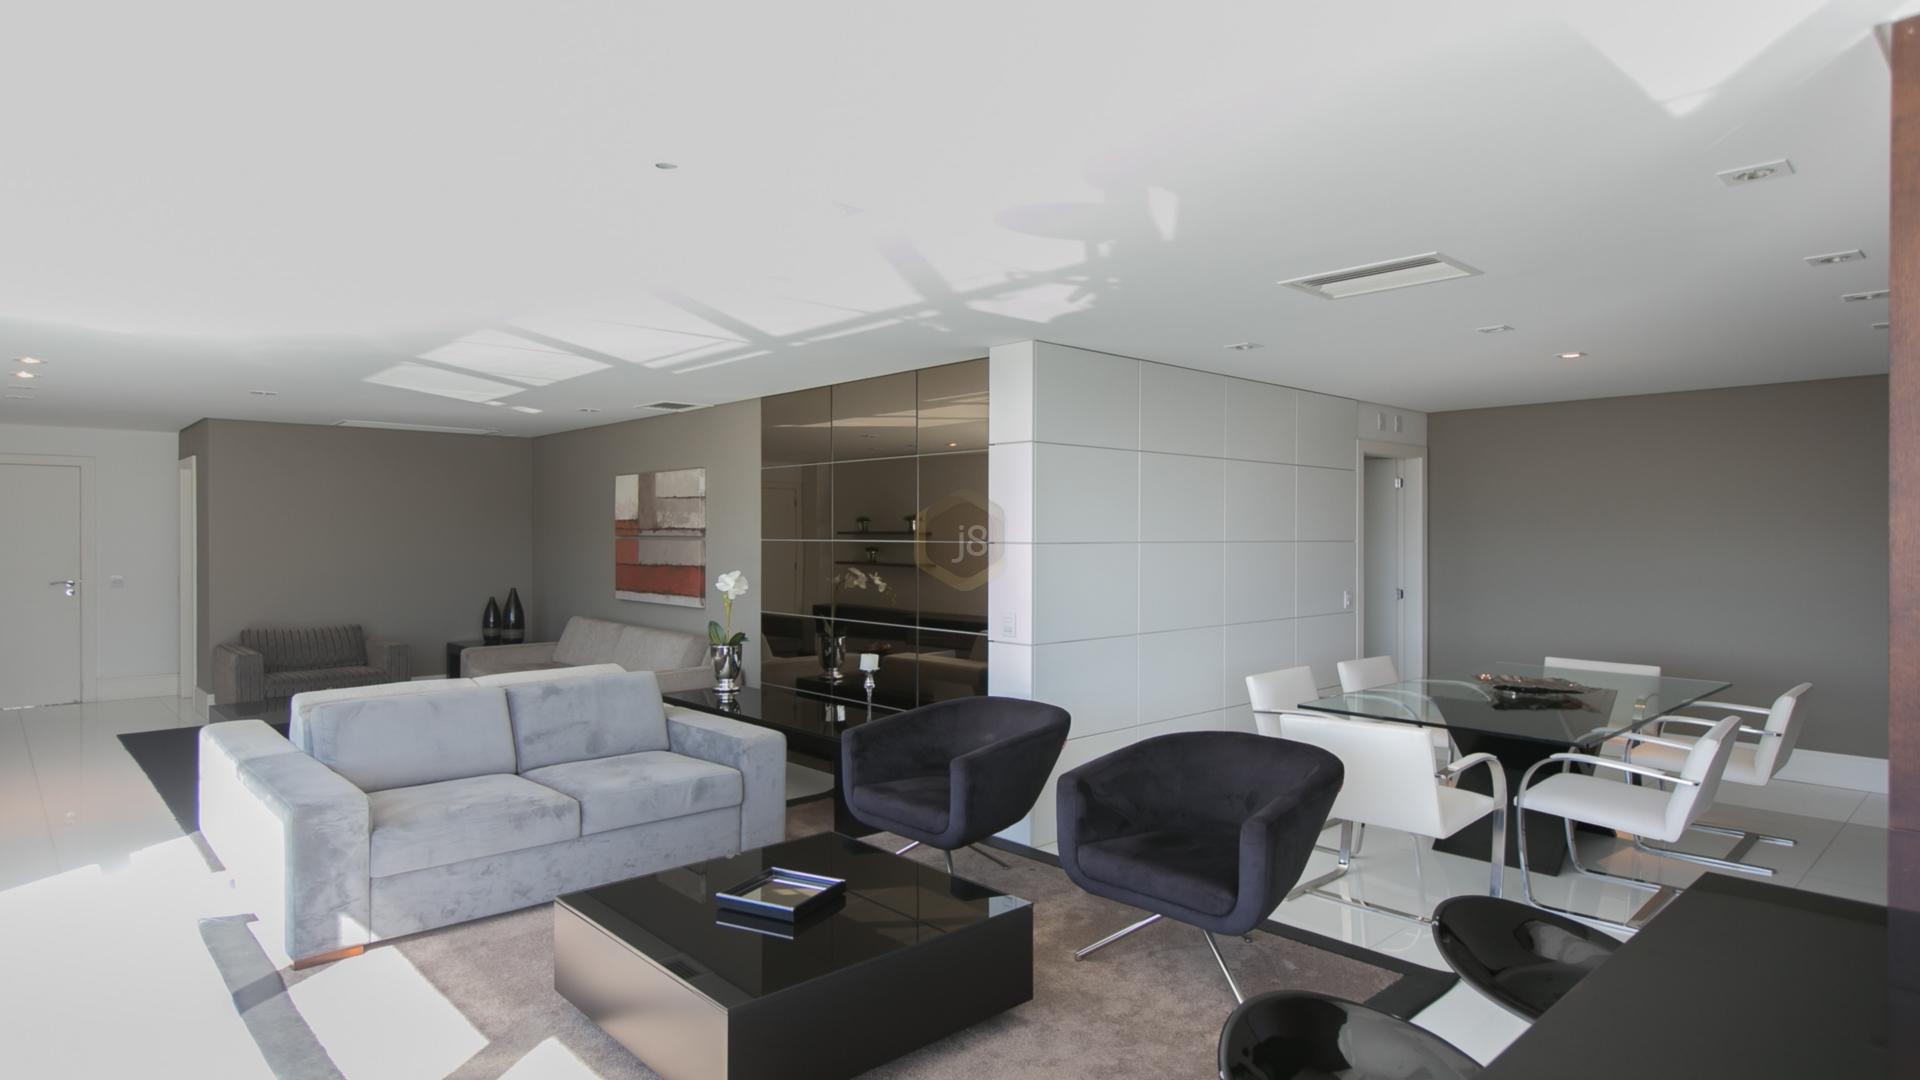 Foto de destaque Apartamento com 3 suítes no cabral